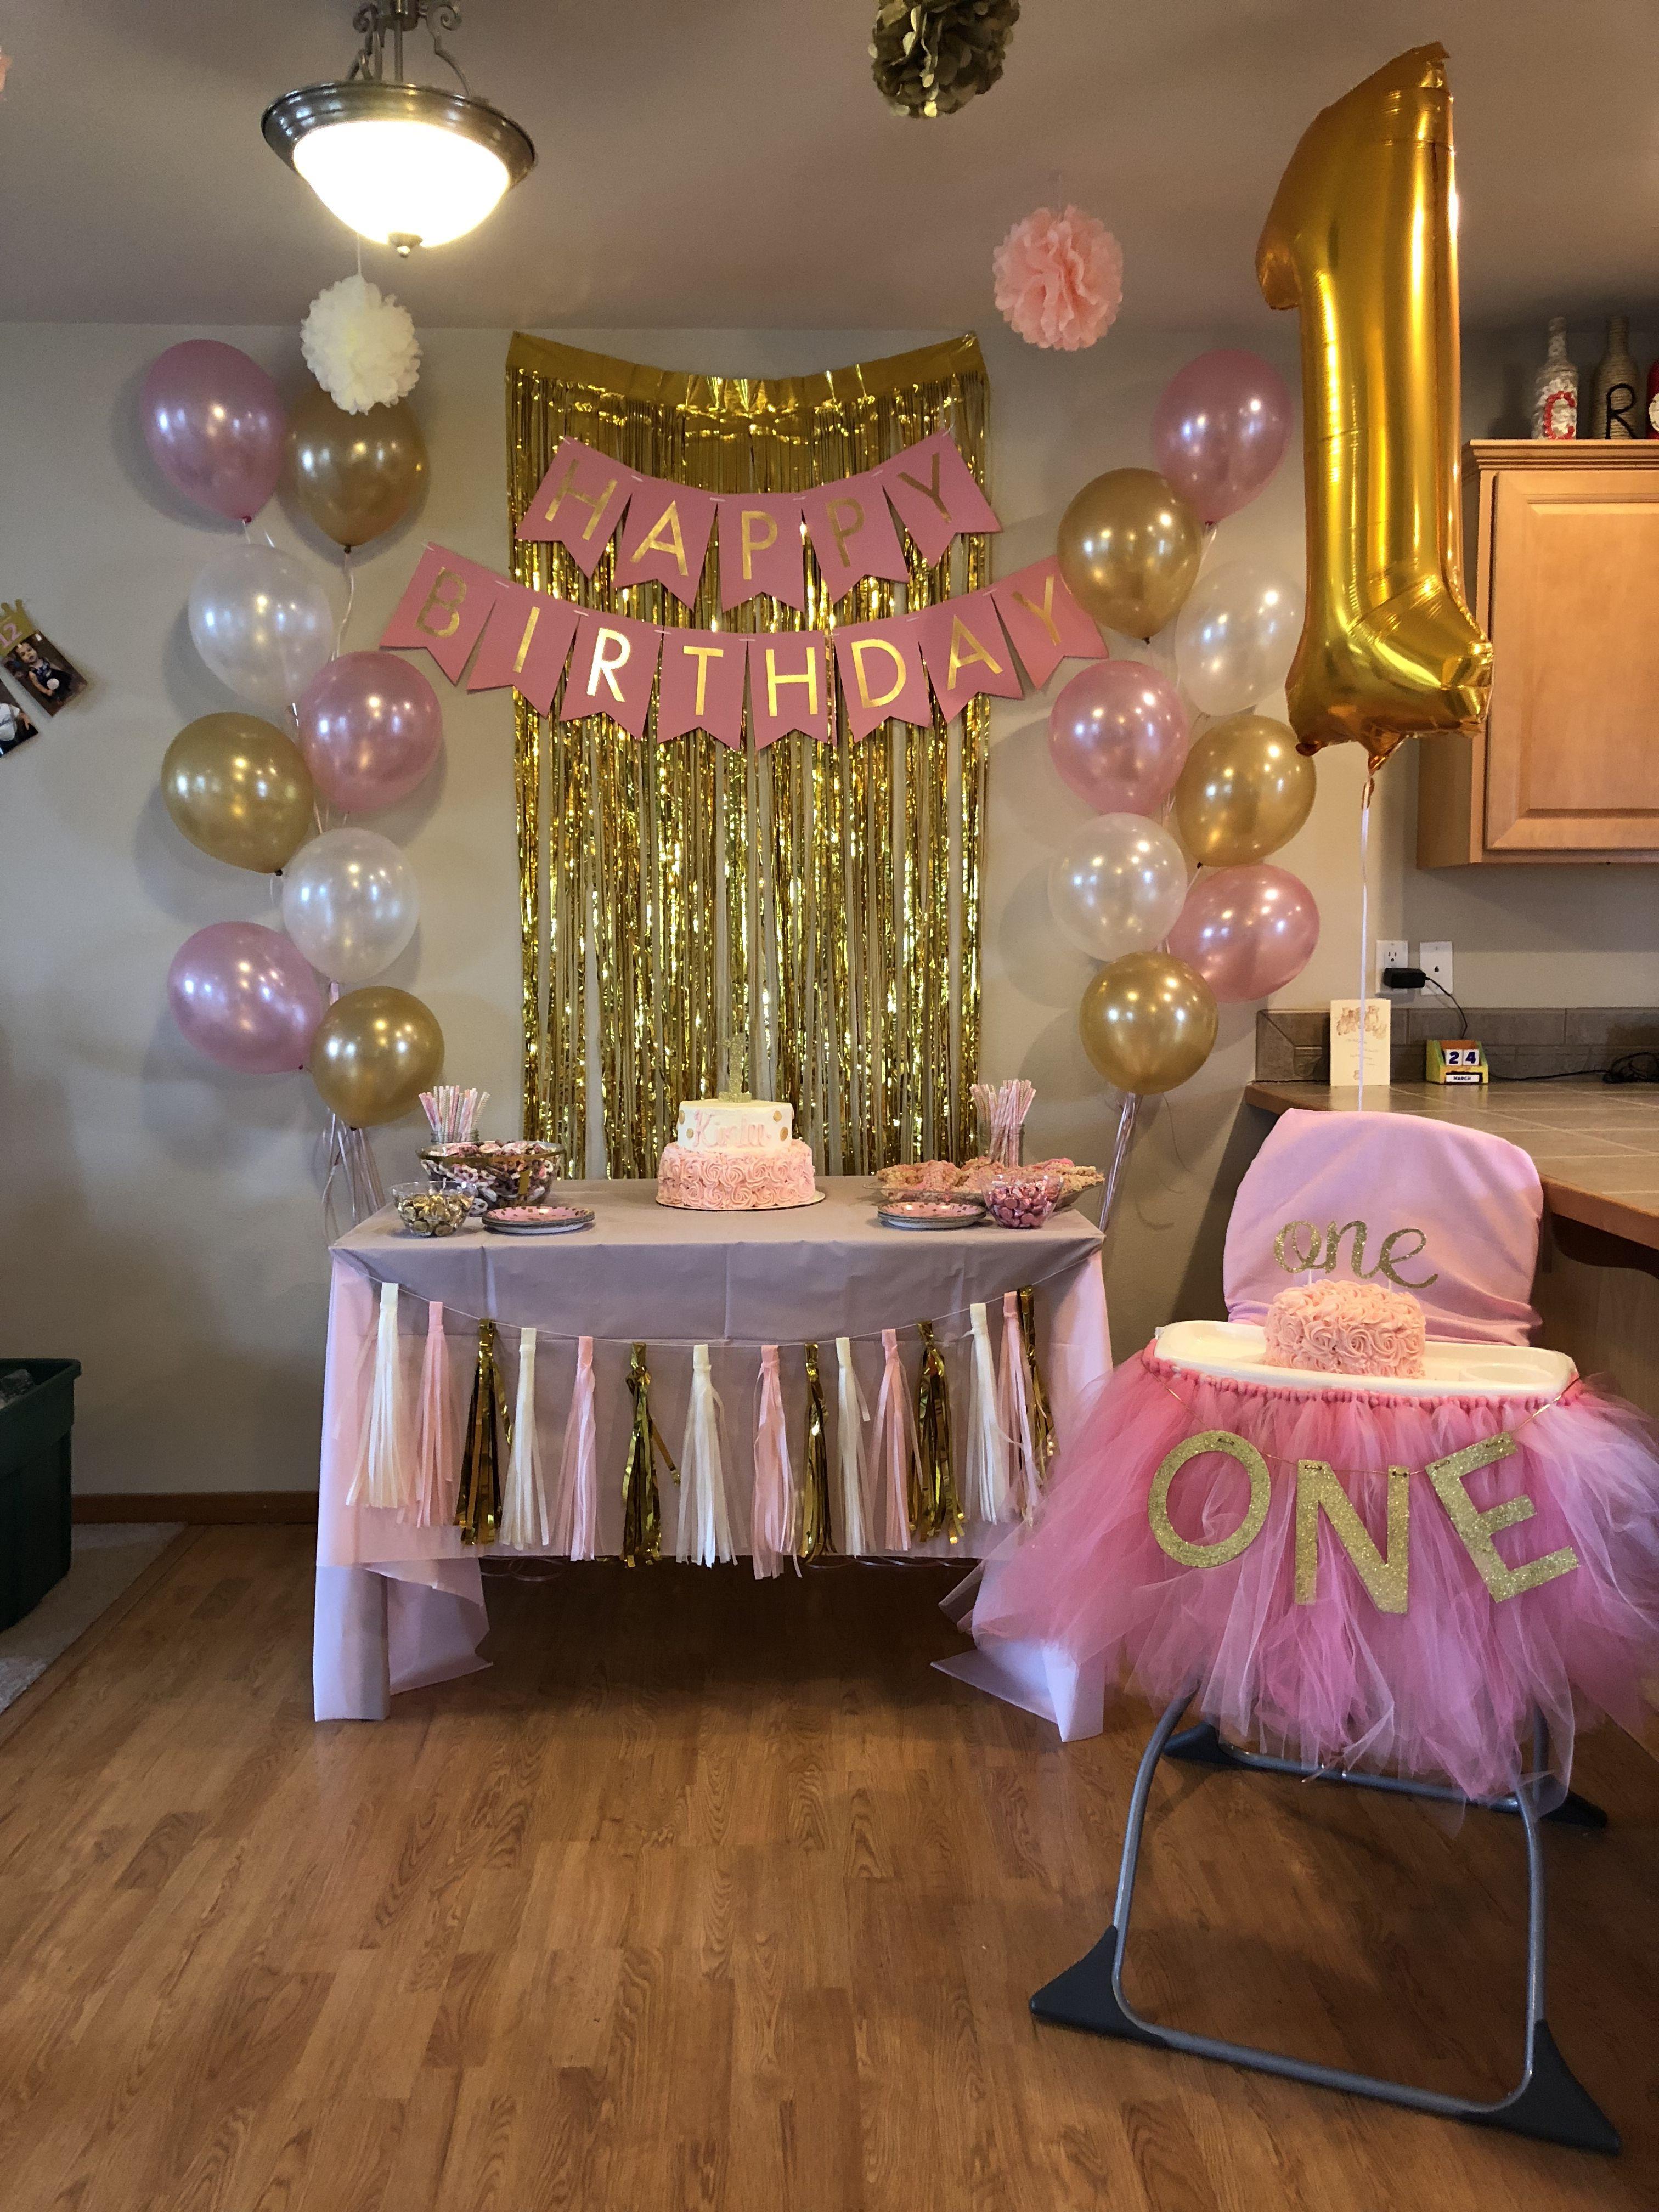 1st birthday ideas #firstbirthdaygirl 1st birthday ideas #firstbirthdaygirl